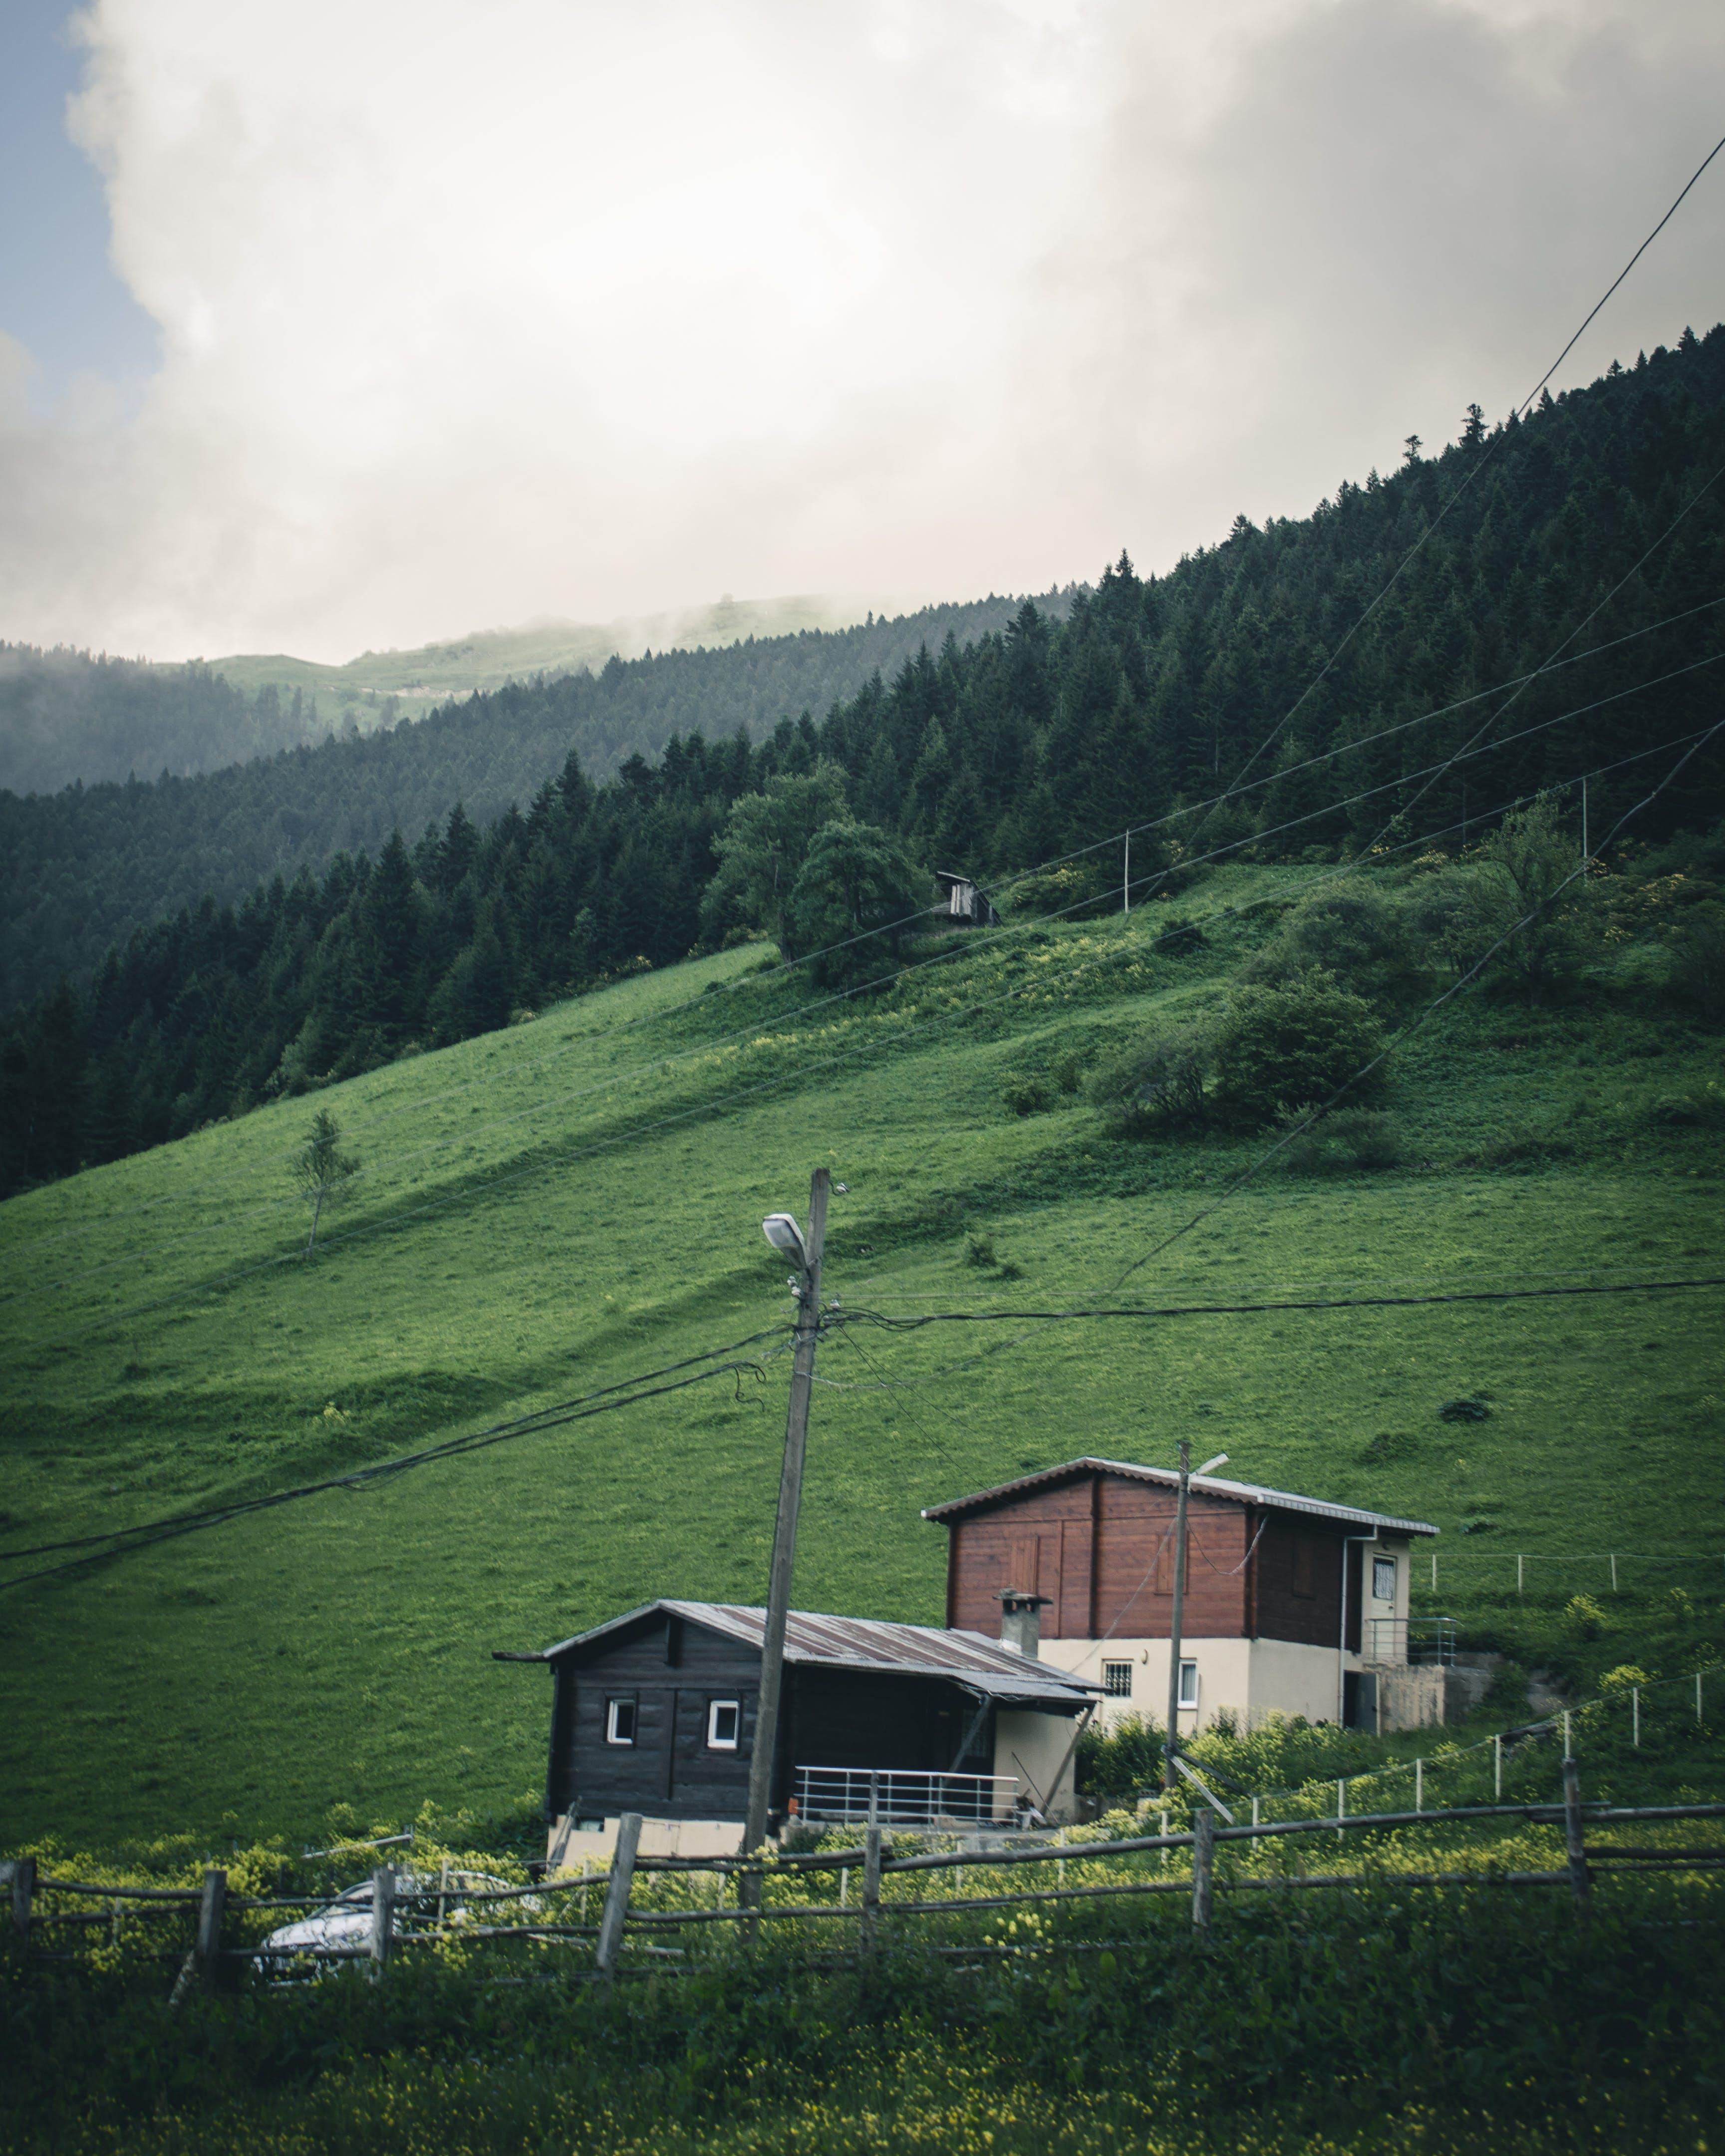 Cabin Near Forest